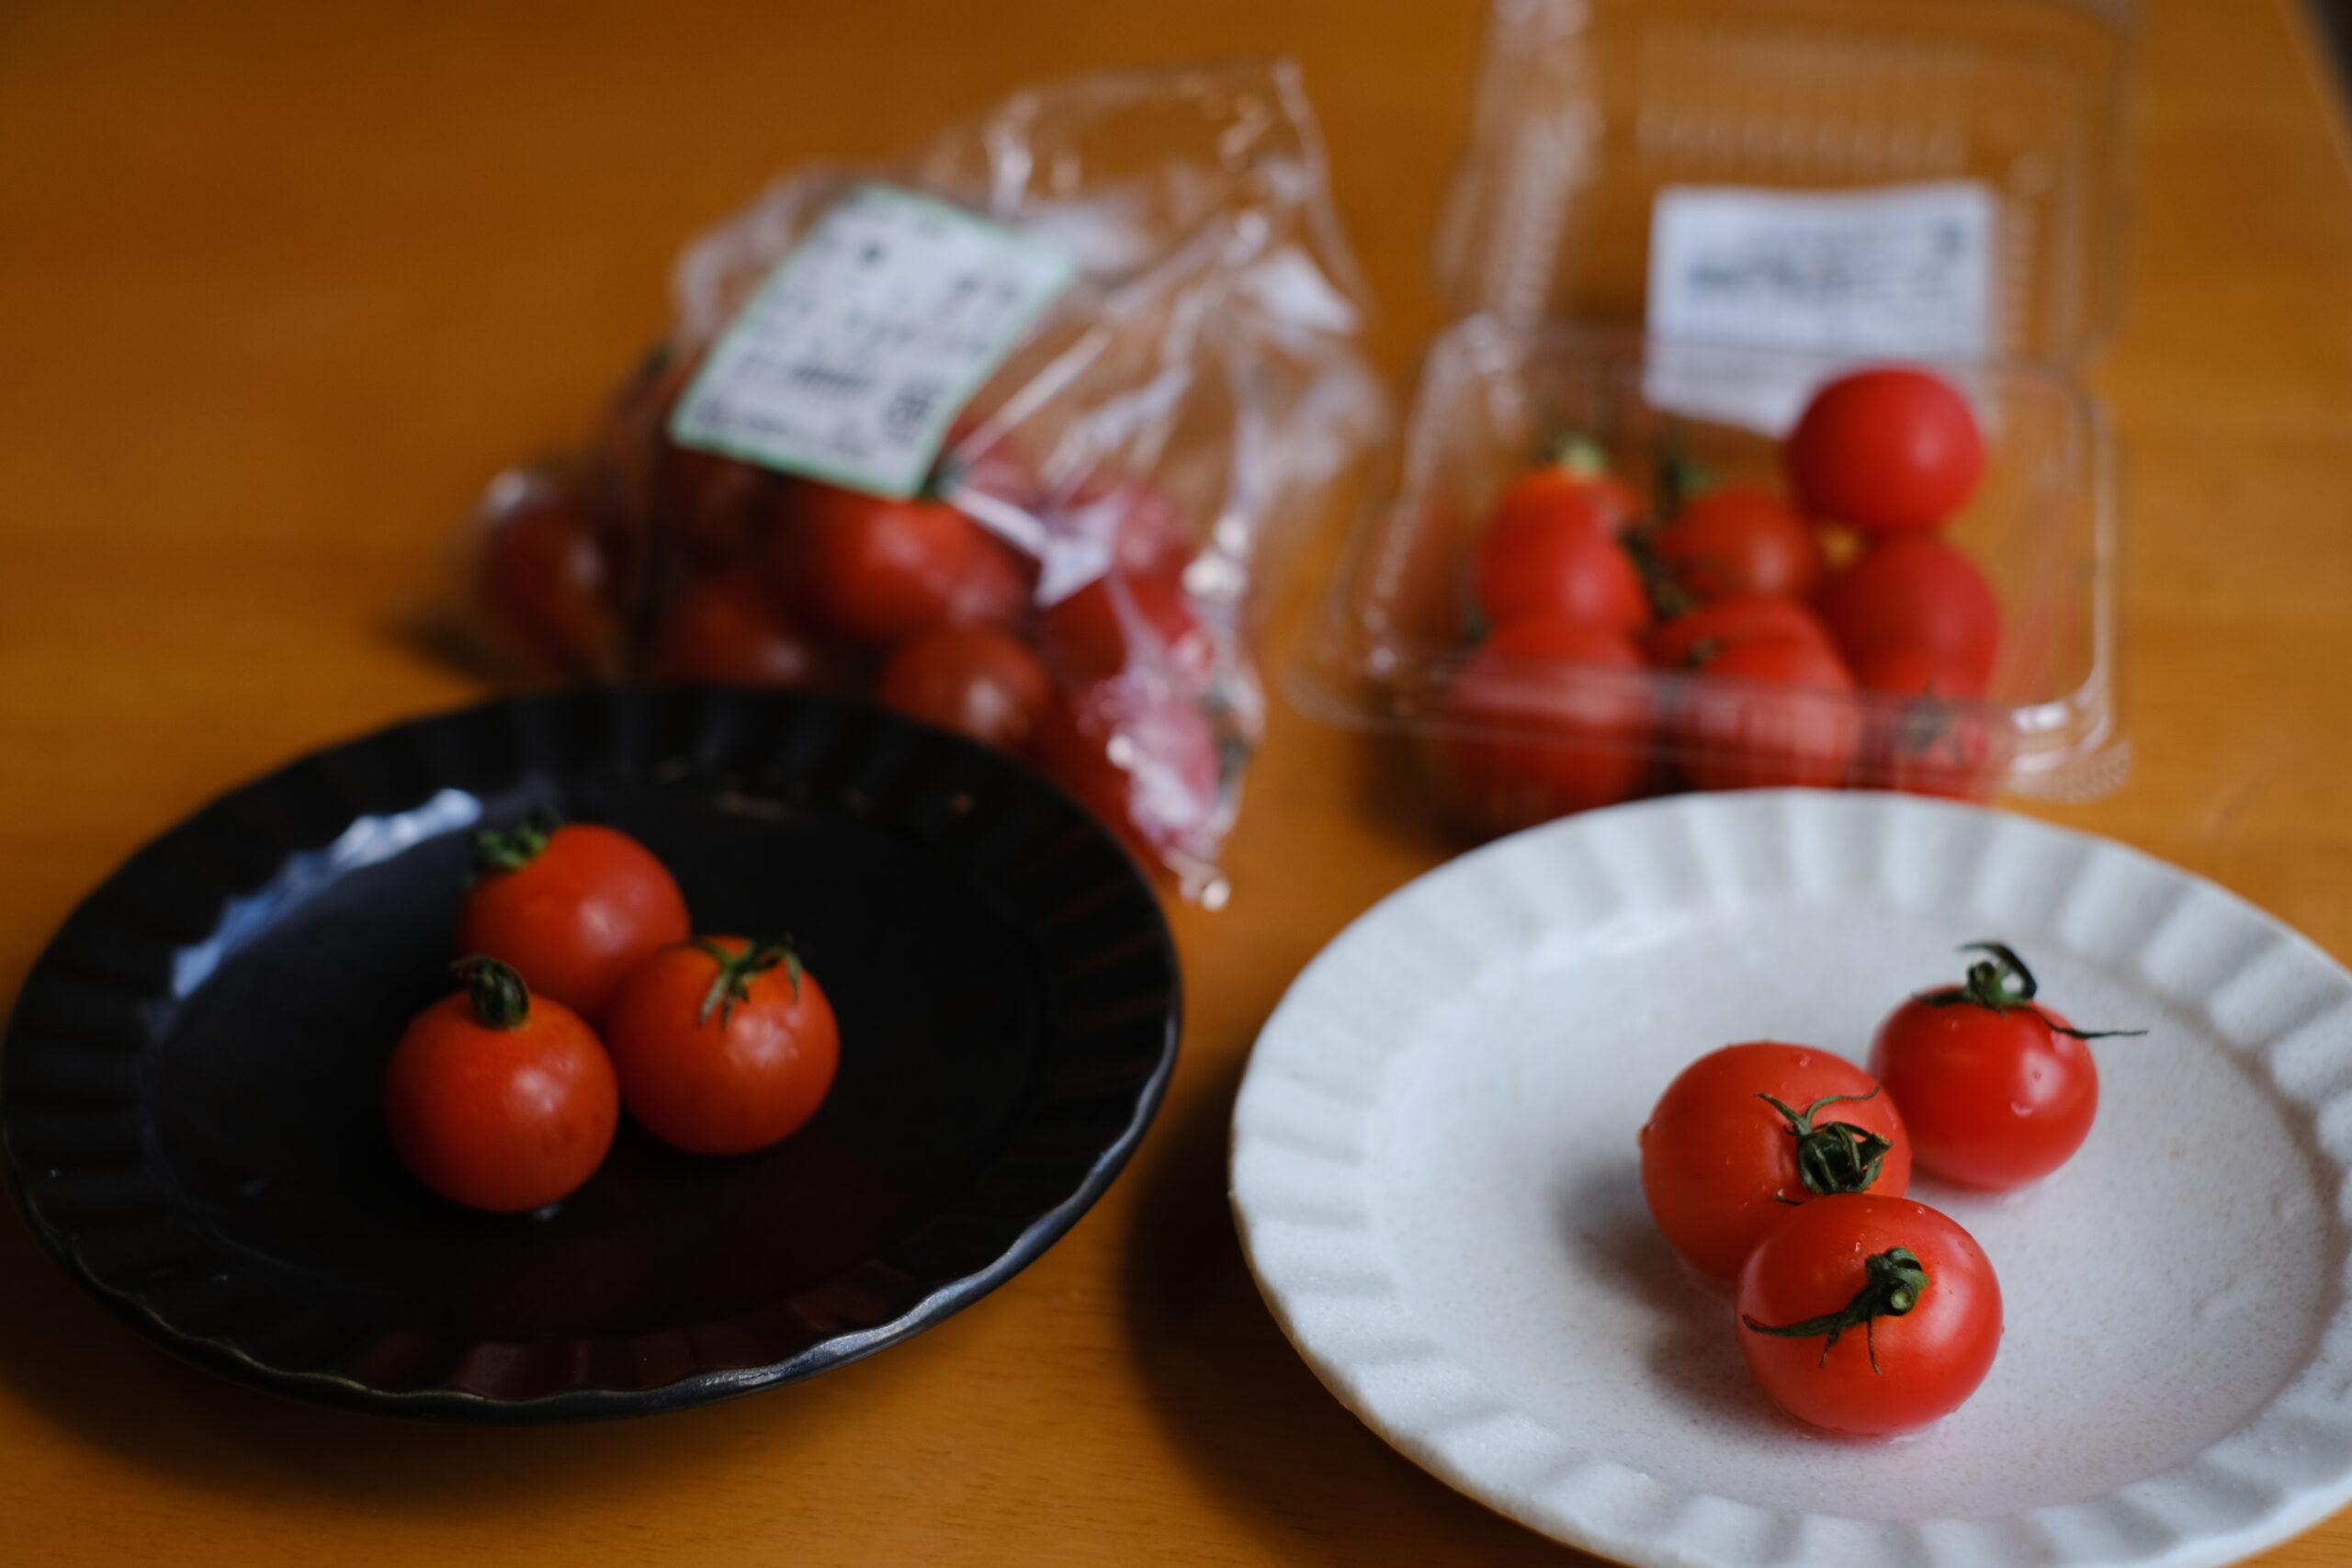 スーパーで買ったミニトマトとらでぃっしゅぼーやのミニトマトを食べ比べした画像